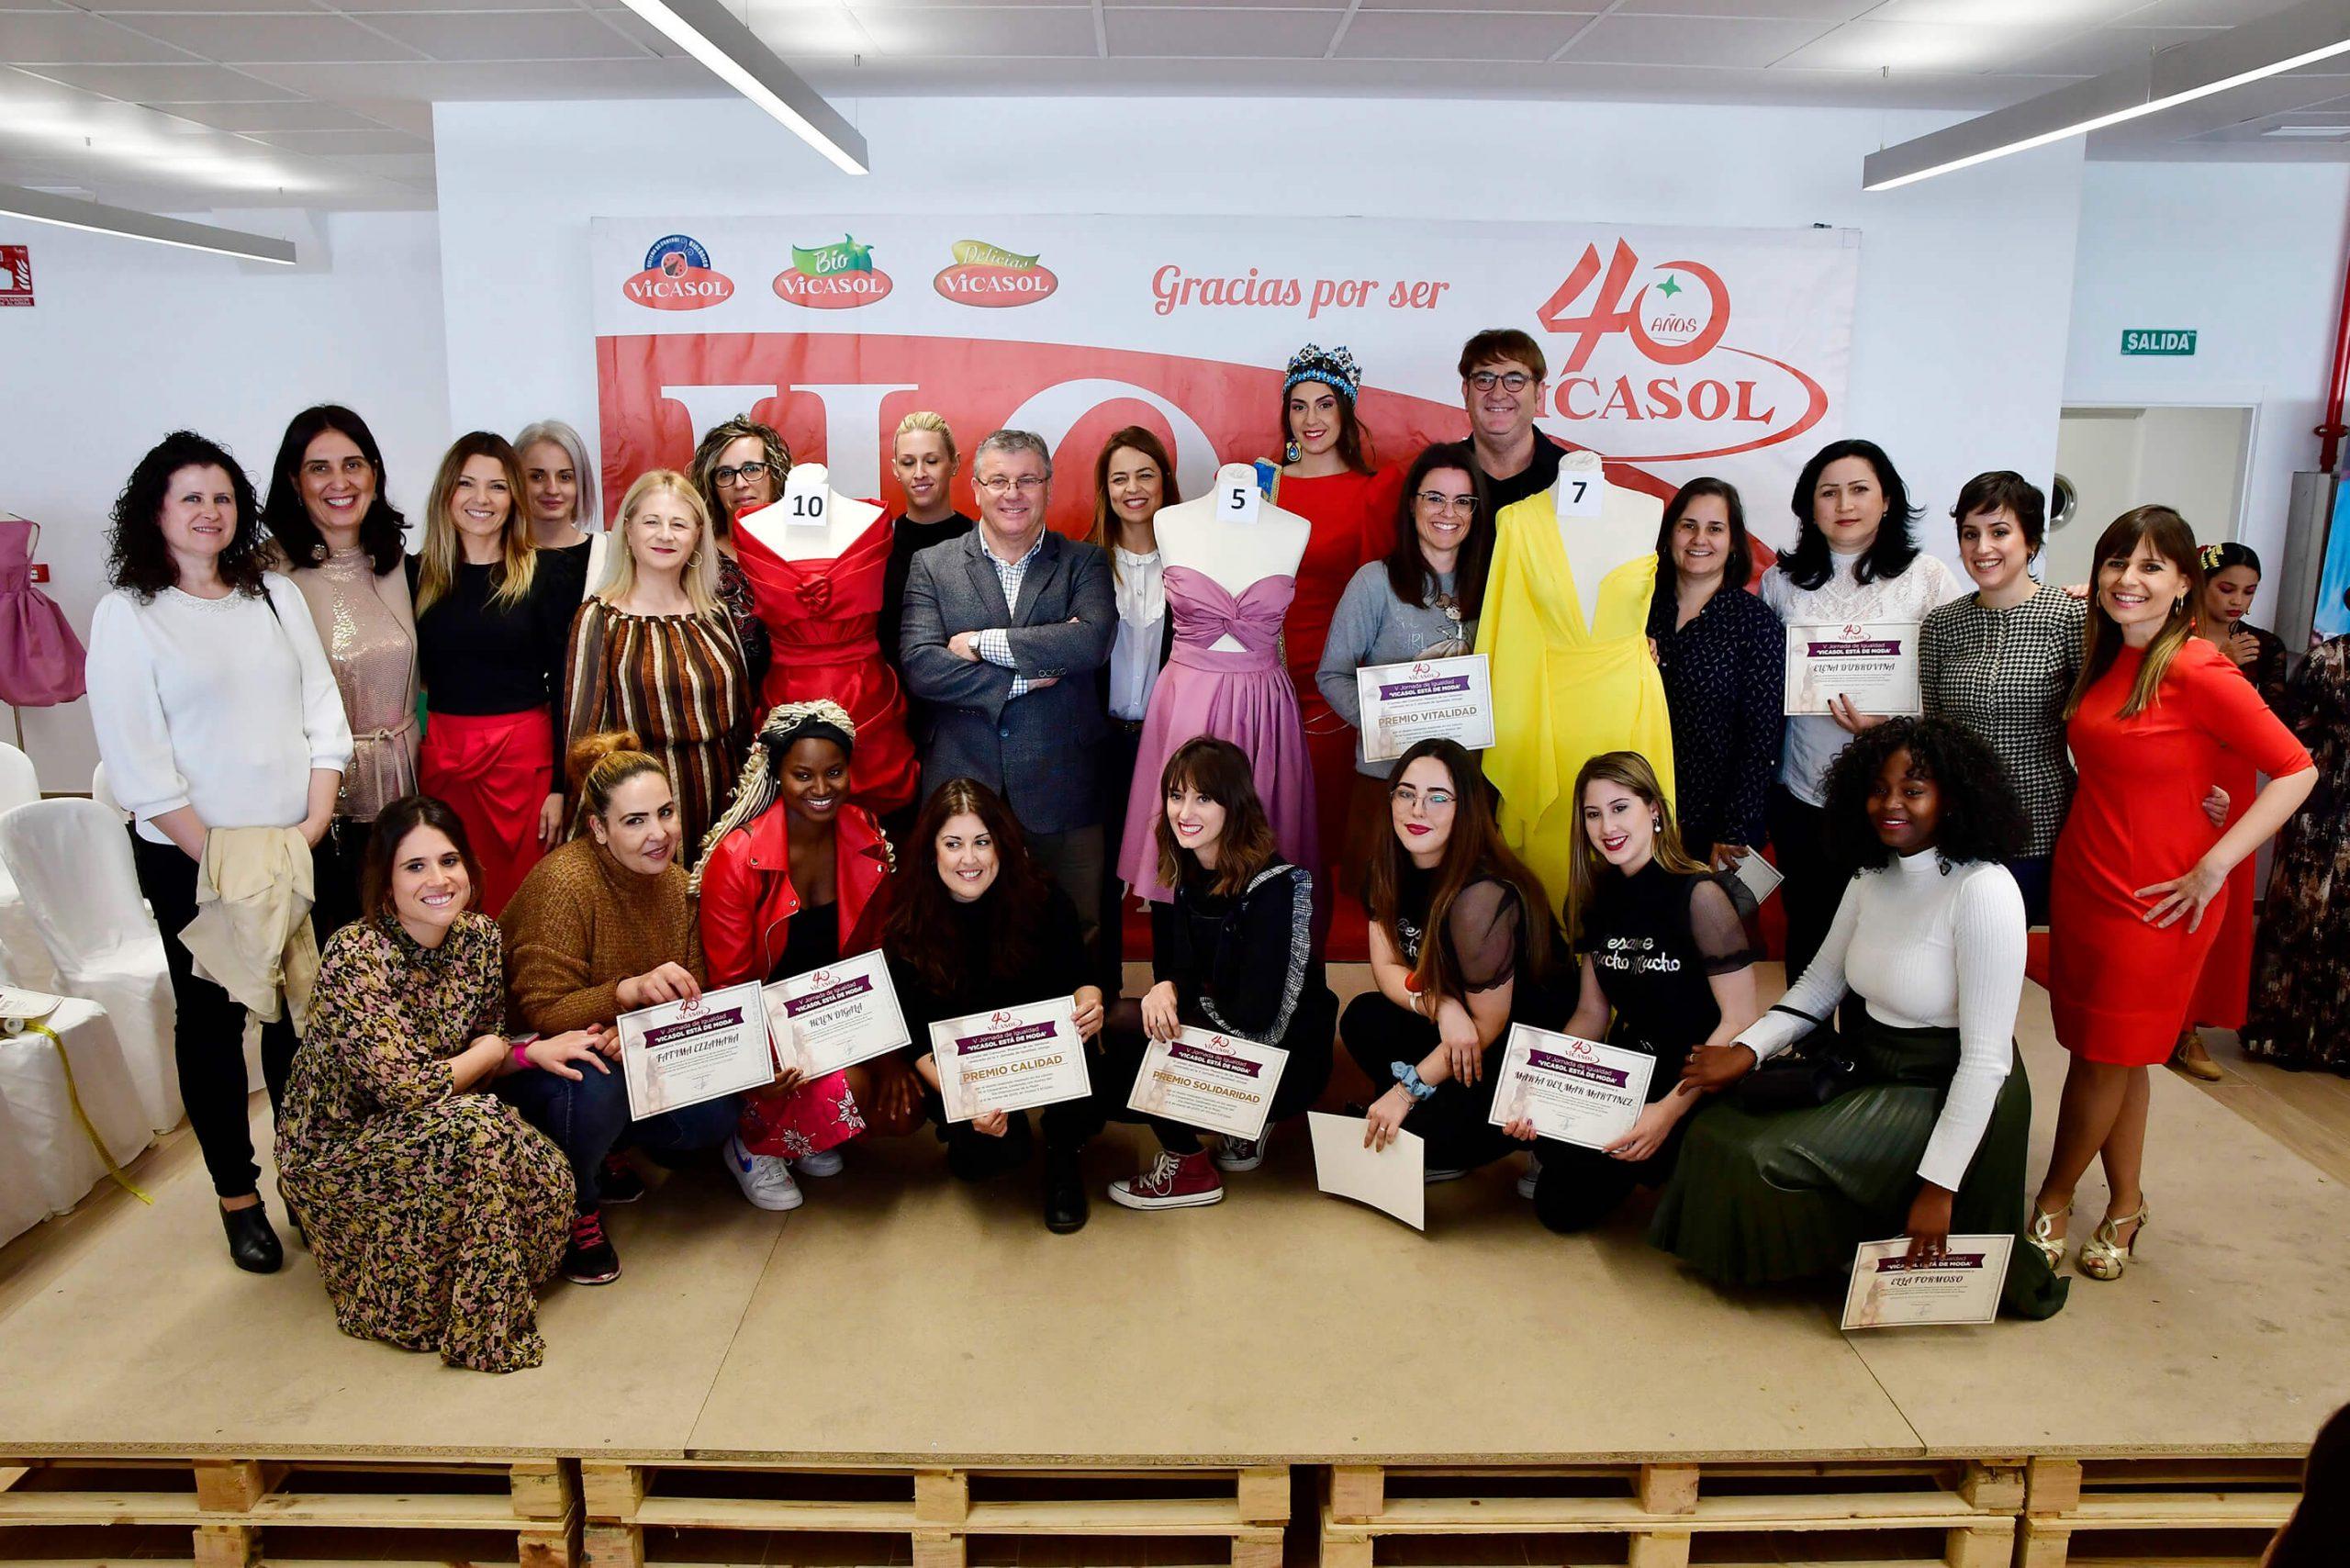 'Vicasol está de moda' reúne a más de 300 socias en El Ejido y otorga los premios a la Vitalidad, Calidad y Solidaridad